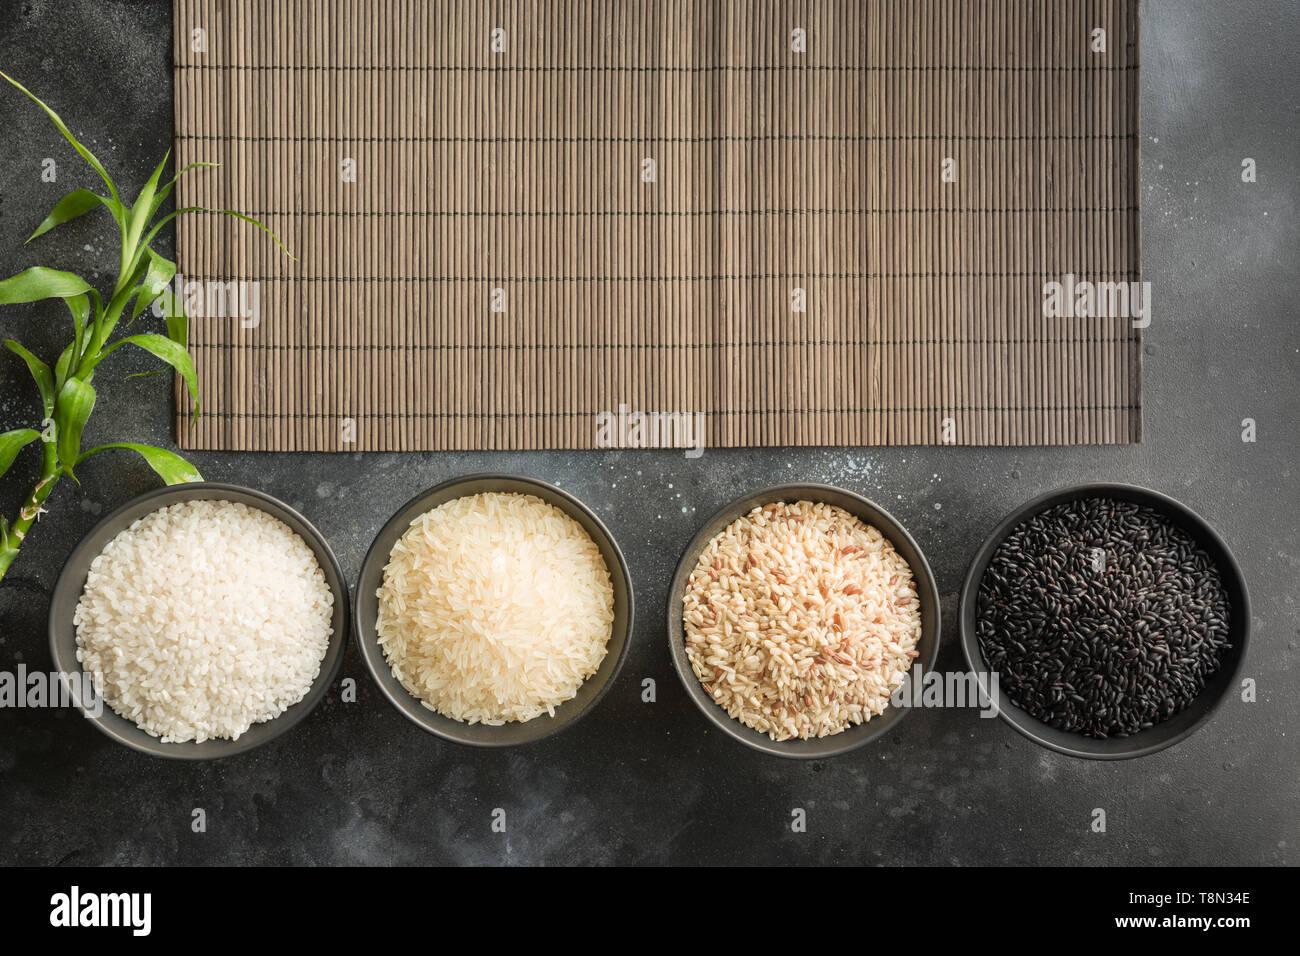 Diverse varietà di riso in ciotole. Vista dall'alto. Sfondo nero. Spazio per il testo. Immagini Stock